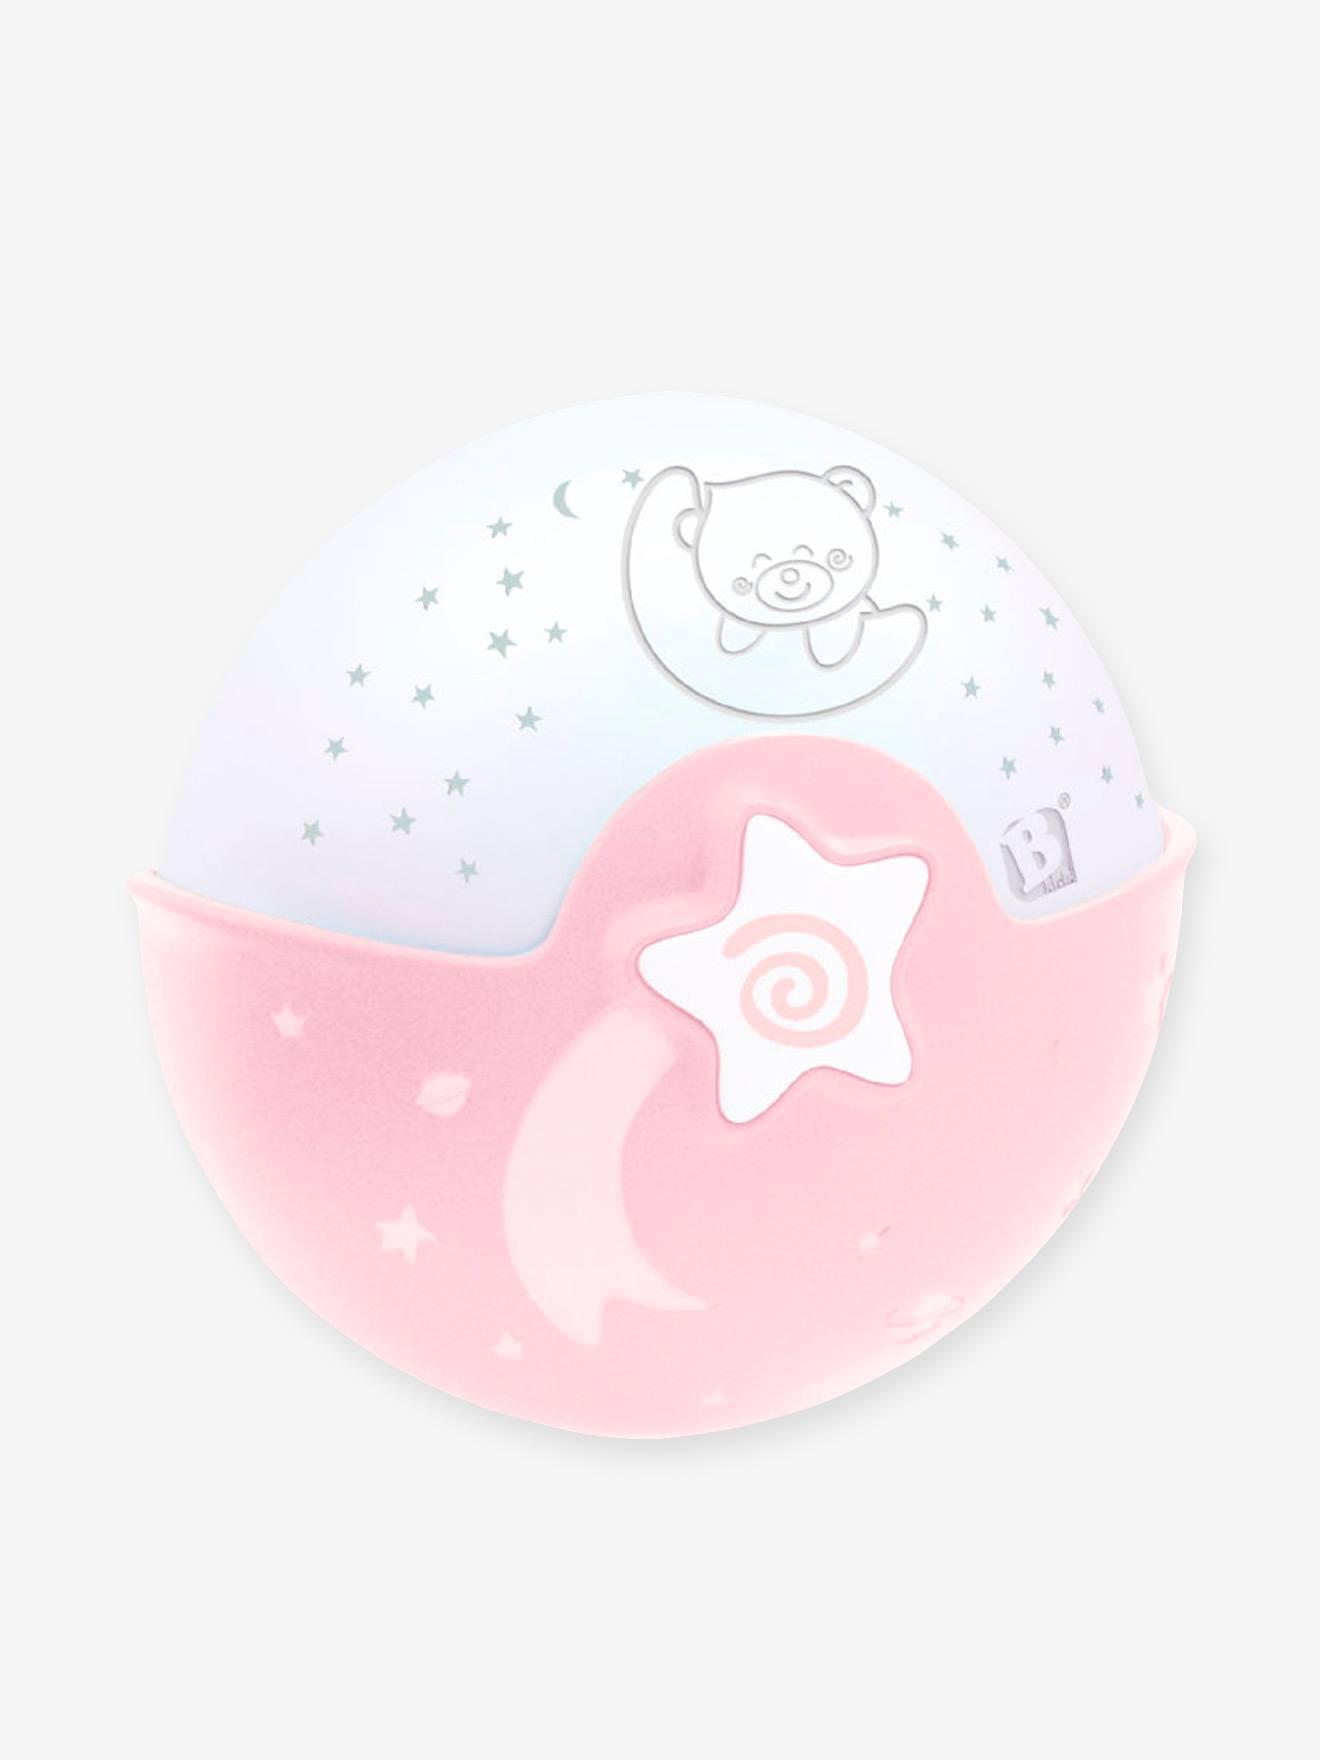 Pour accompagner bebe durant ses nuits, la veilleuse musicale Projecto lampe s?active automatique par la voix ou les pleurs et commence a jouer de douces melodies, diffuse une lumiere tamisee et des sons de la nature apaisants, creant autour du berceau un